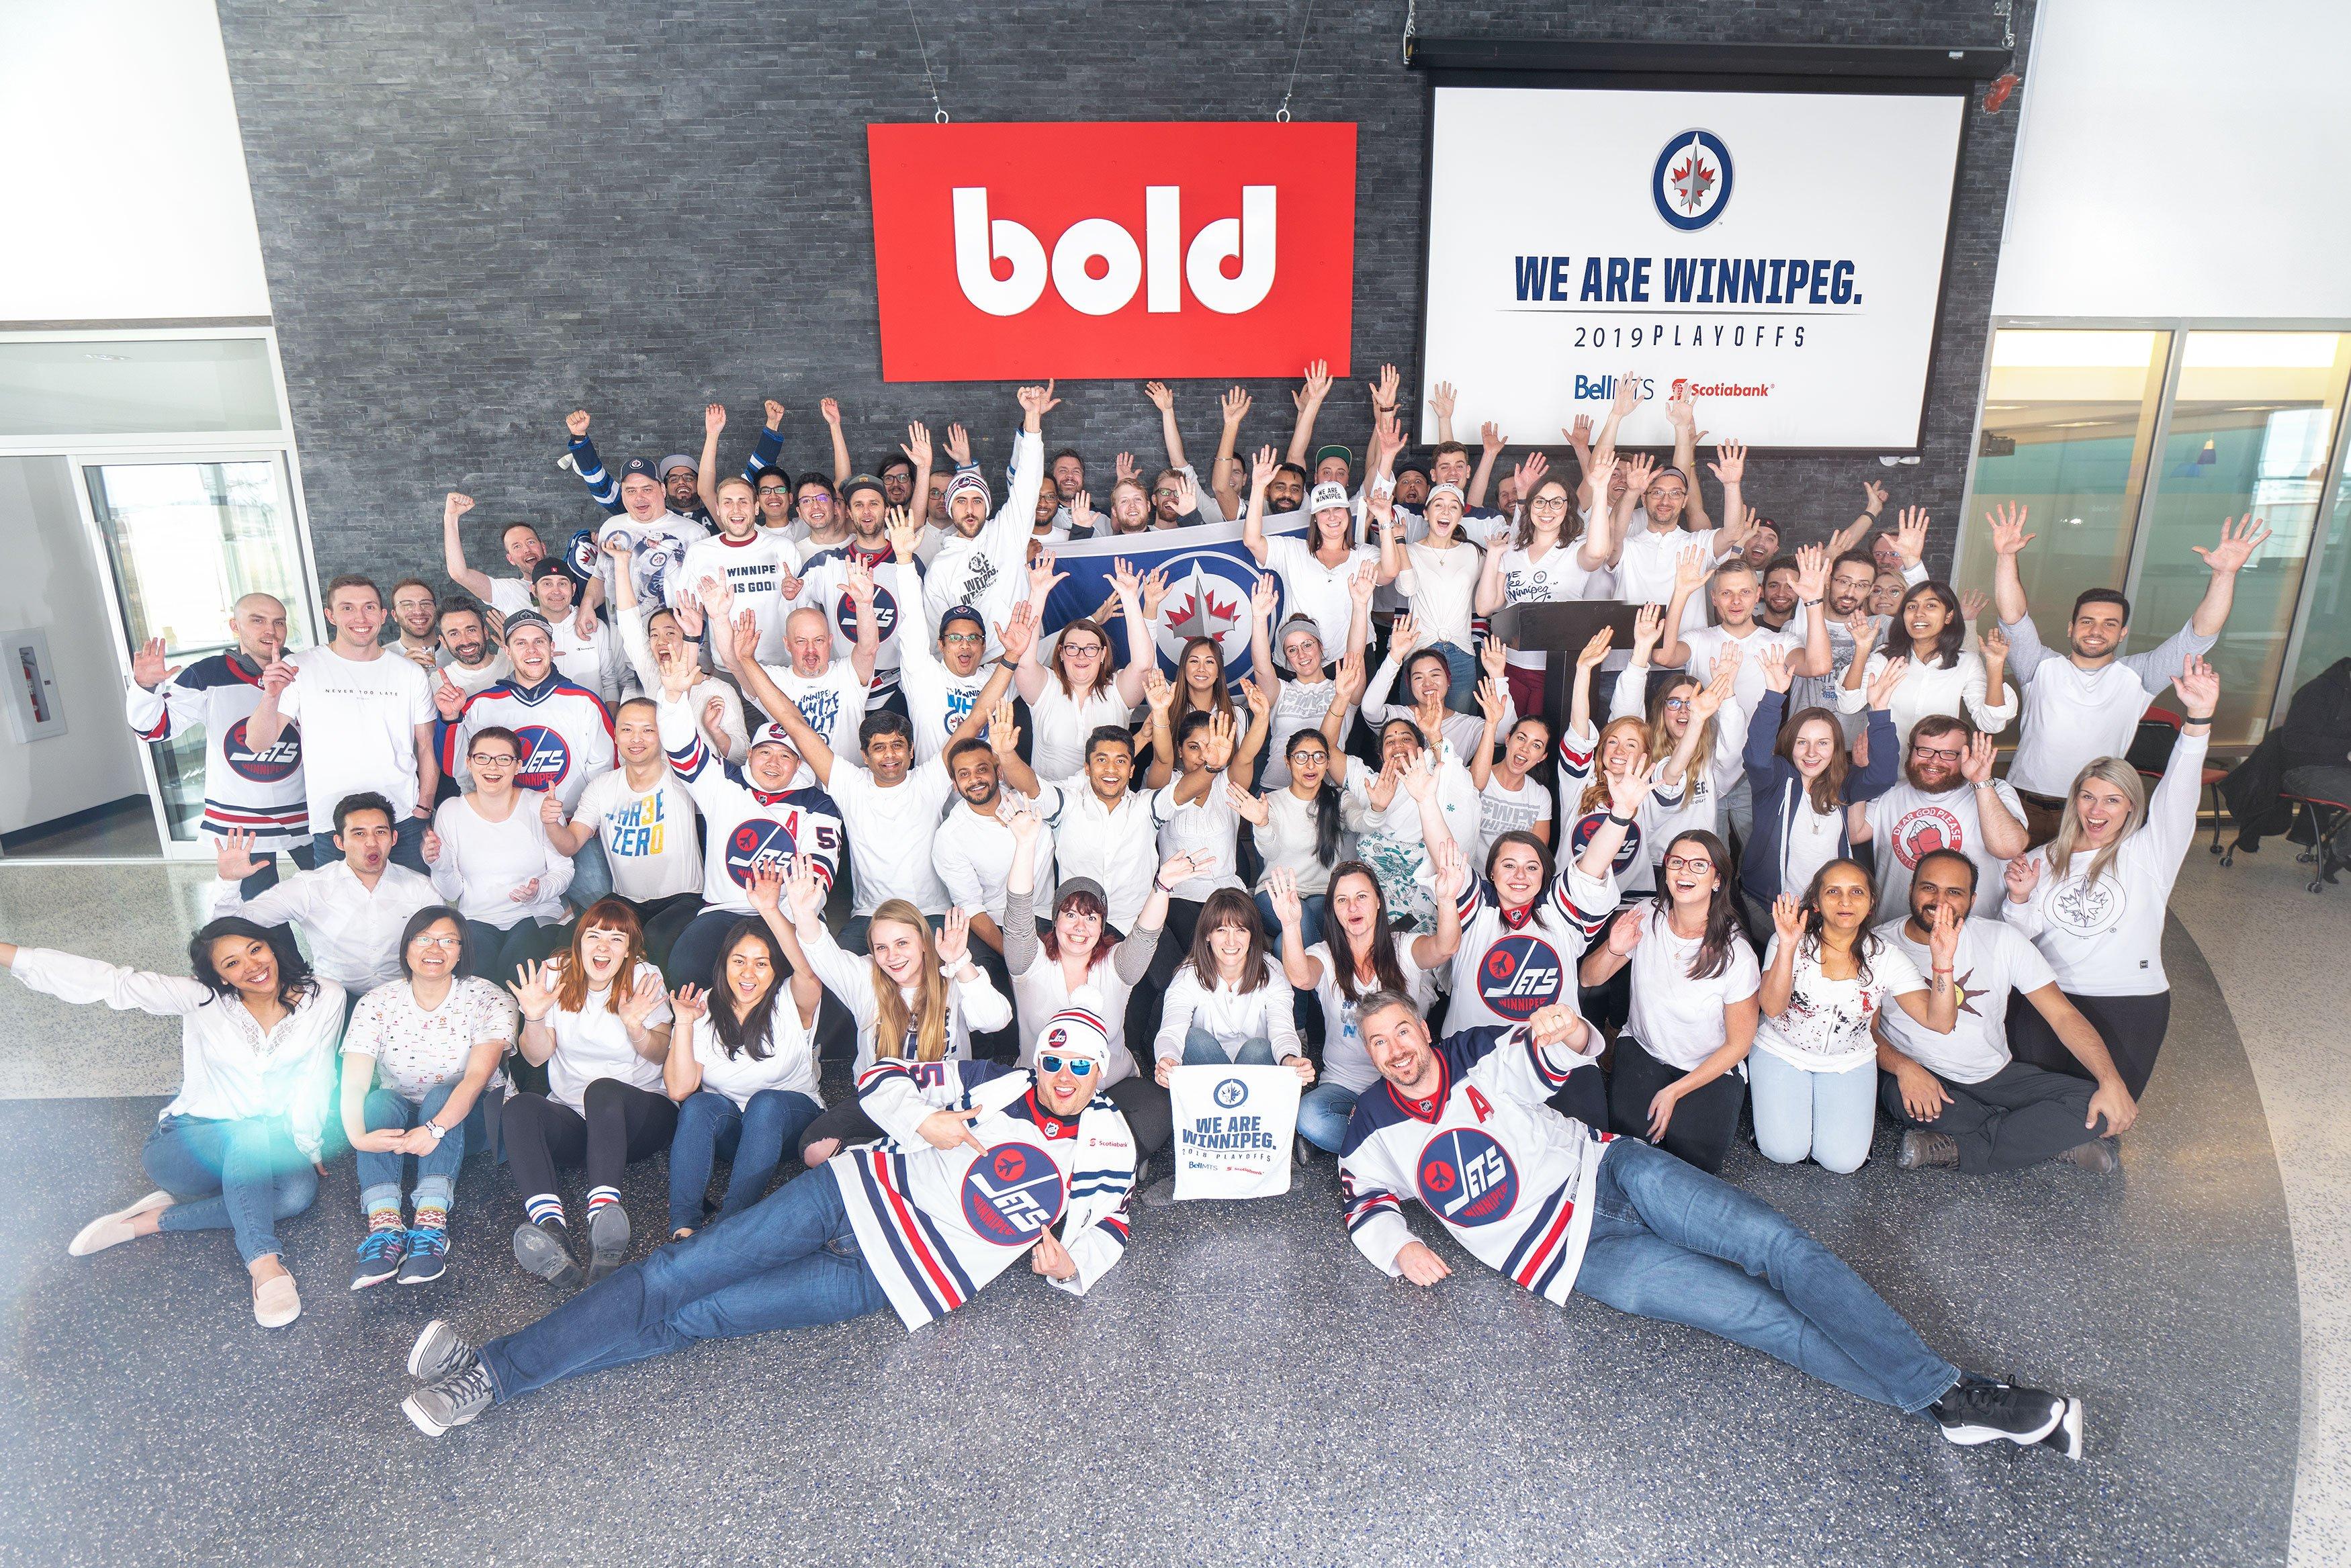 bold-jets-2019